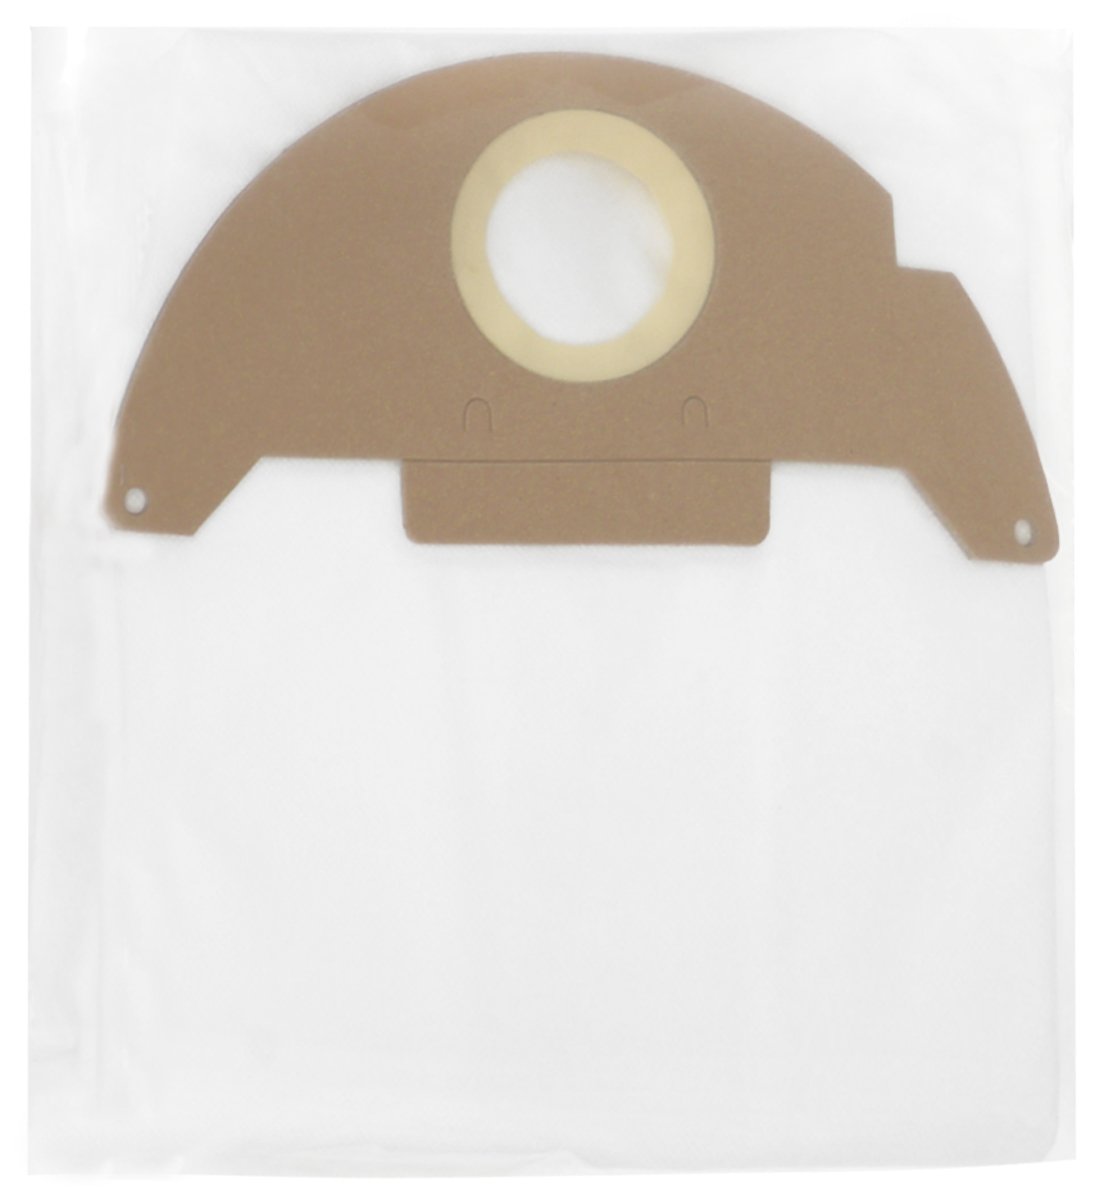 Filtero KAR 10 Pro комплект пылесборников для промышленных пылесосов, 4 шт цена